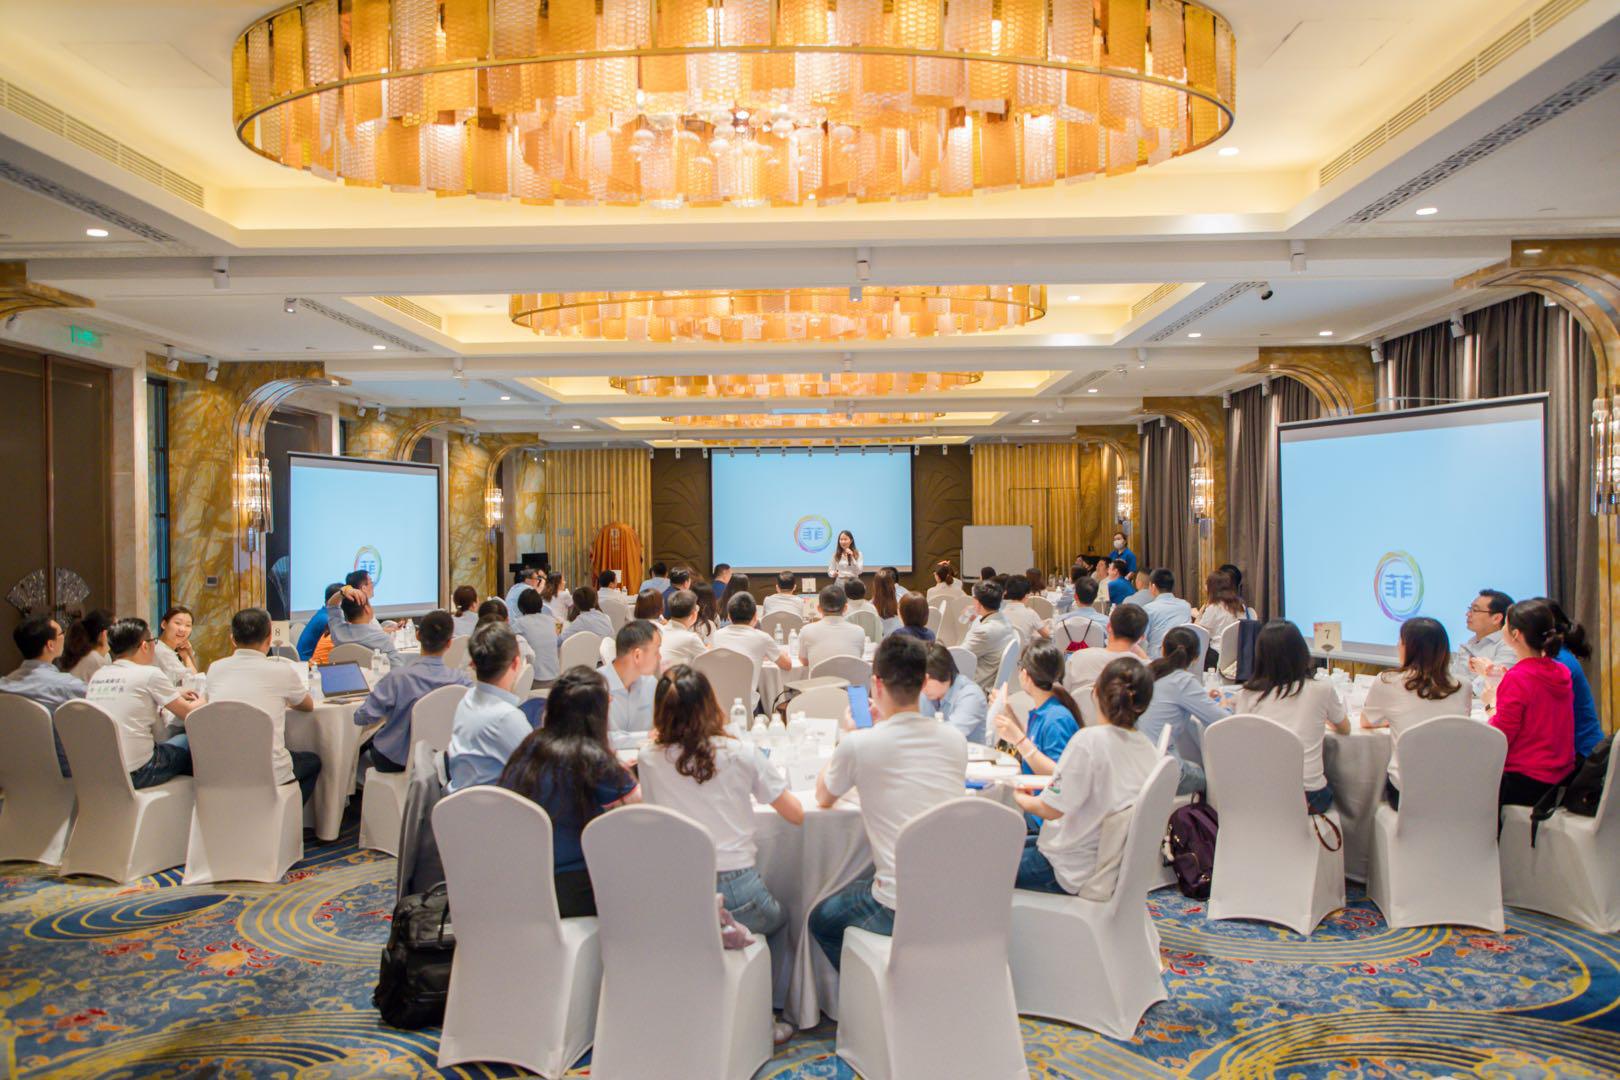 菲仕兰中国被认证为2020卓越职场认证TM机构